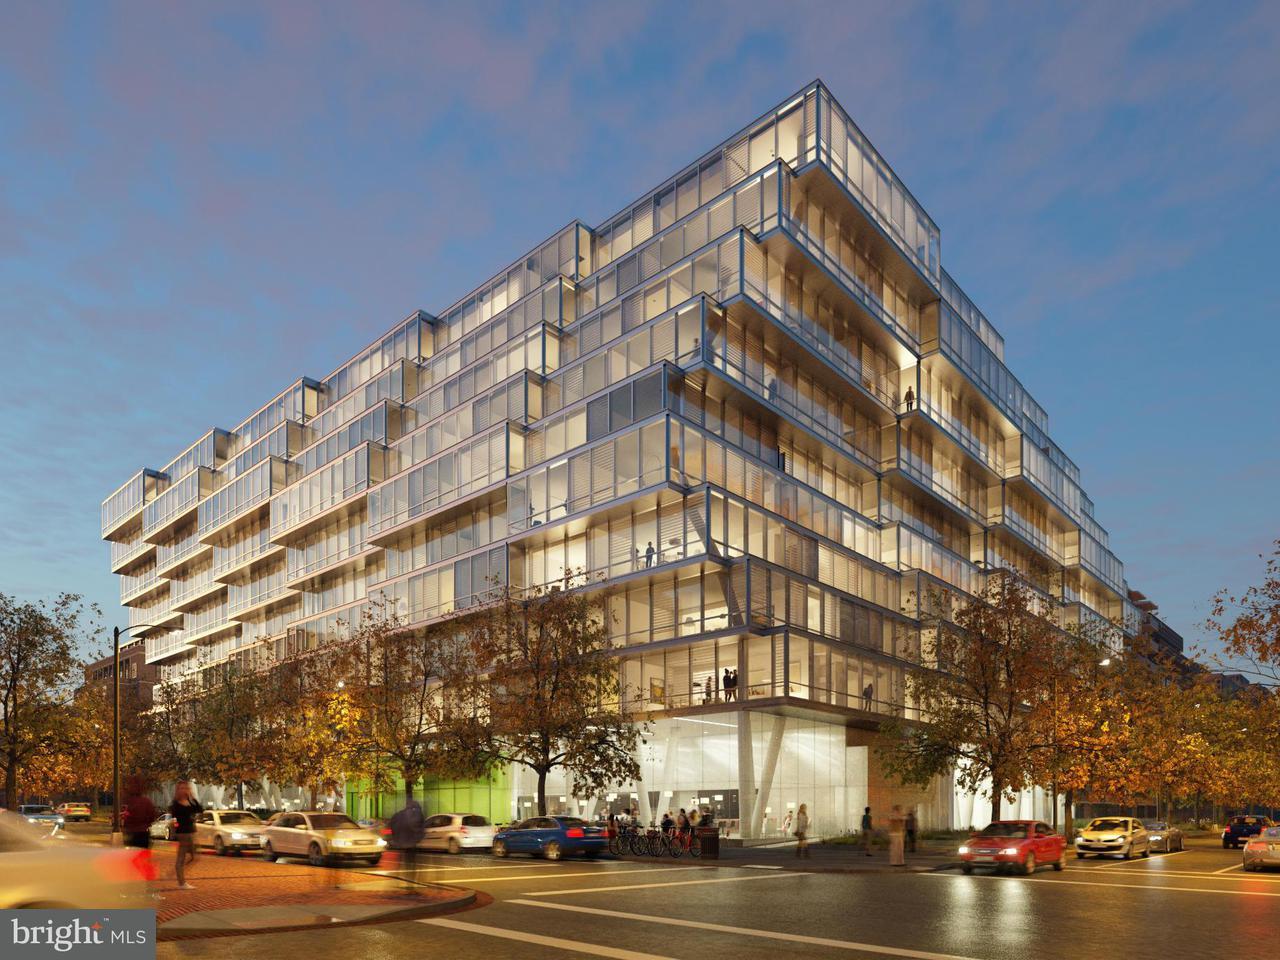 Eigentumswohnung für Verkauf beim 1111 24th St Nw #Ph106 1111 24th St Nw #Ph106 Washington, District Of Columbia 20037 Vereinigte Staaten